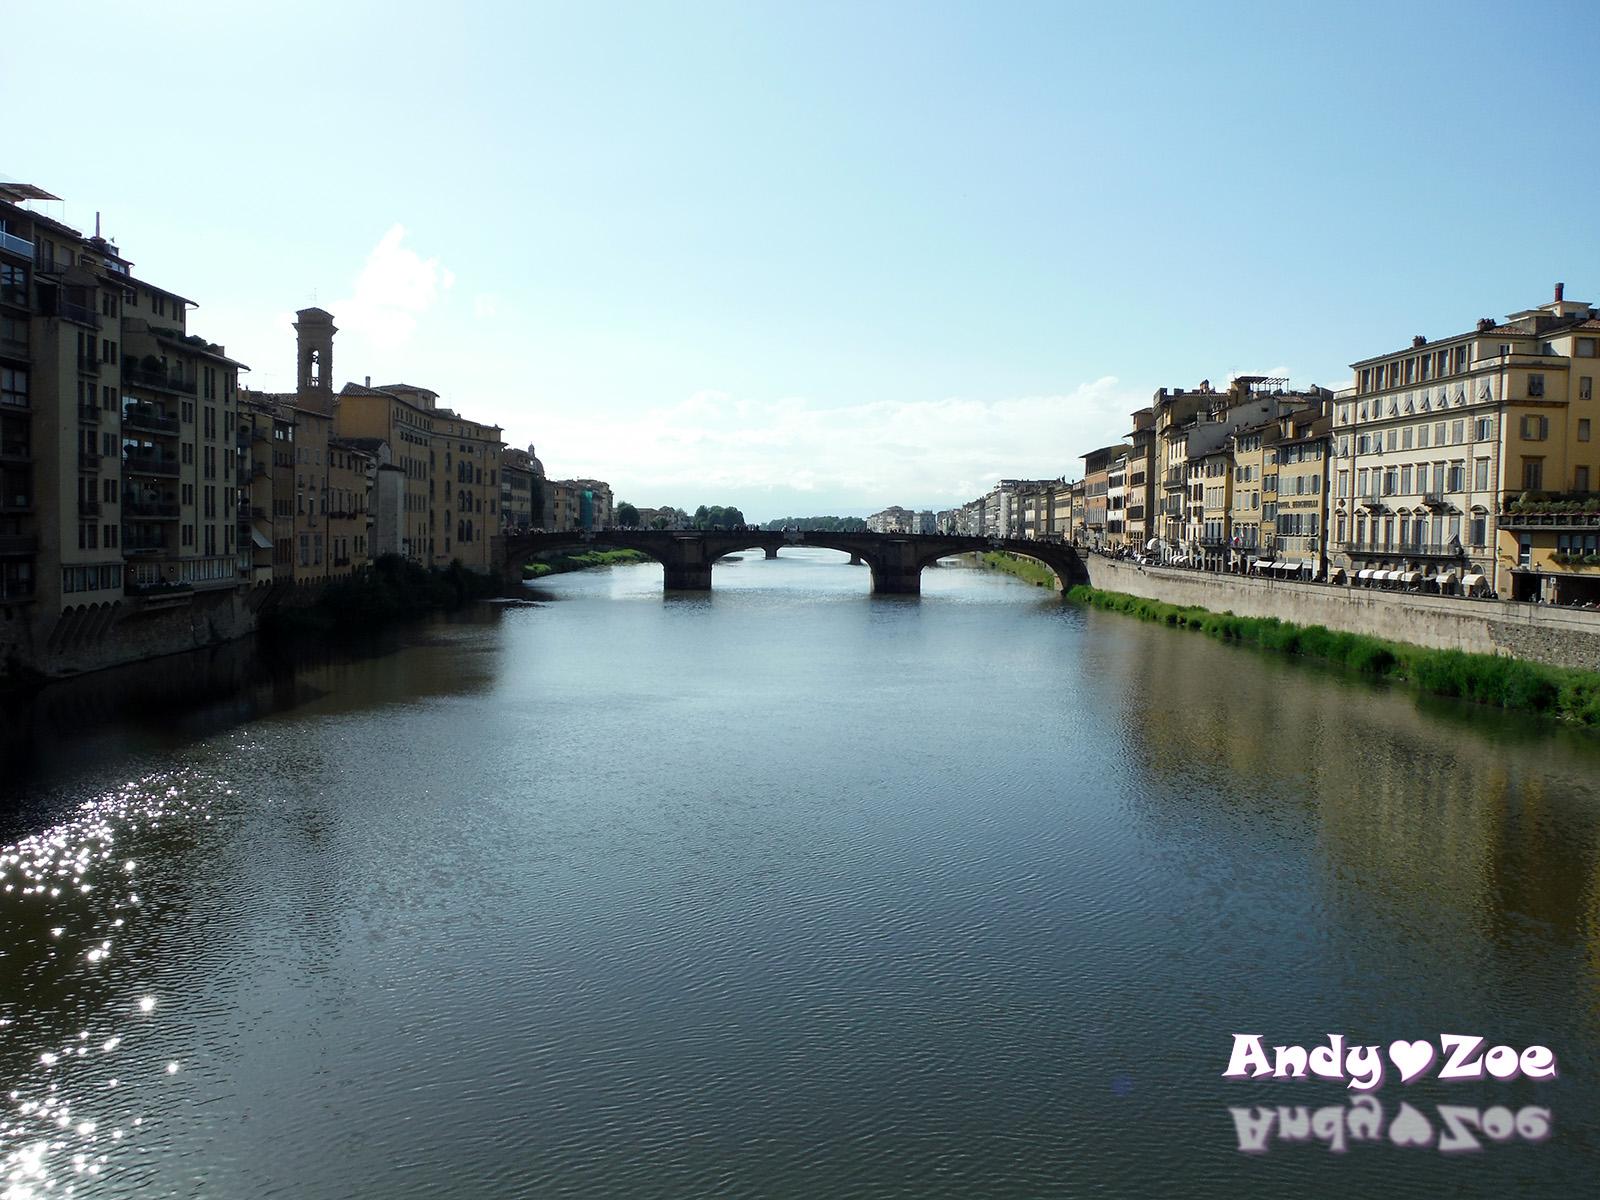 Andy與Zoe的旅行紀錄: 歐洲自助40天~佛羅倫斯(Firenze) 著名的地標之一 老橋(Ponte Vecchio)